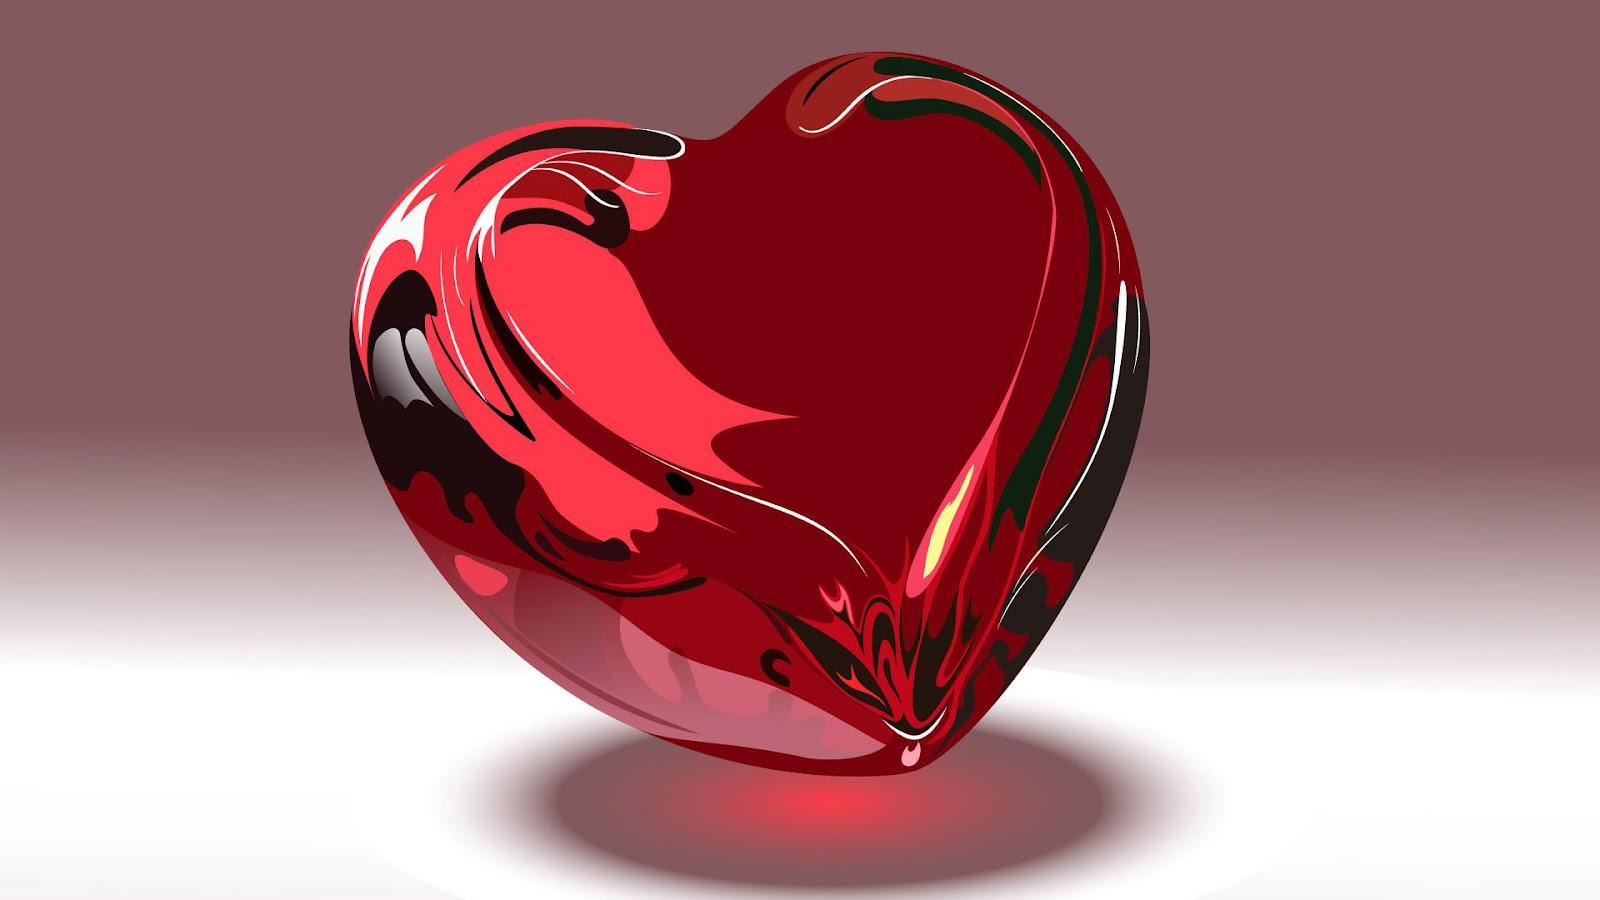 hd 3d liefde hart wallpaper met een groot rood liefdes hart in 3d 1600x900